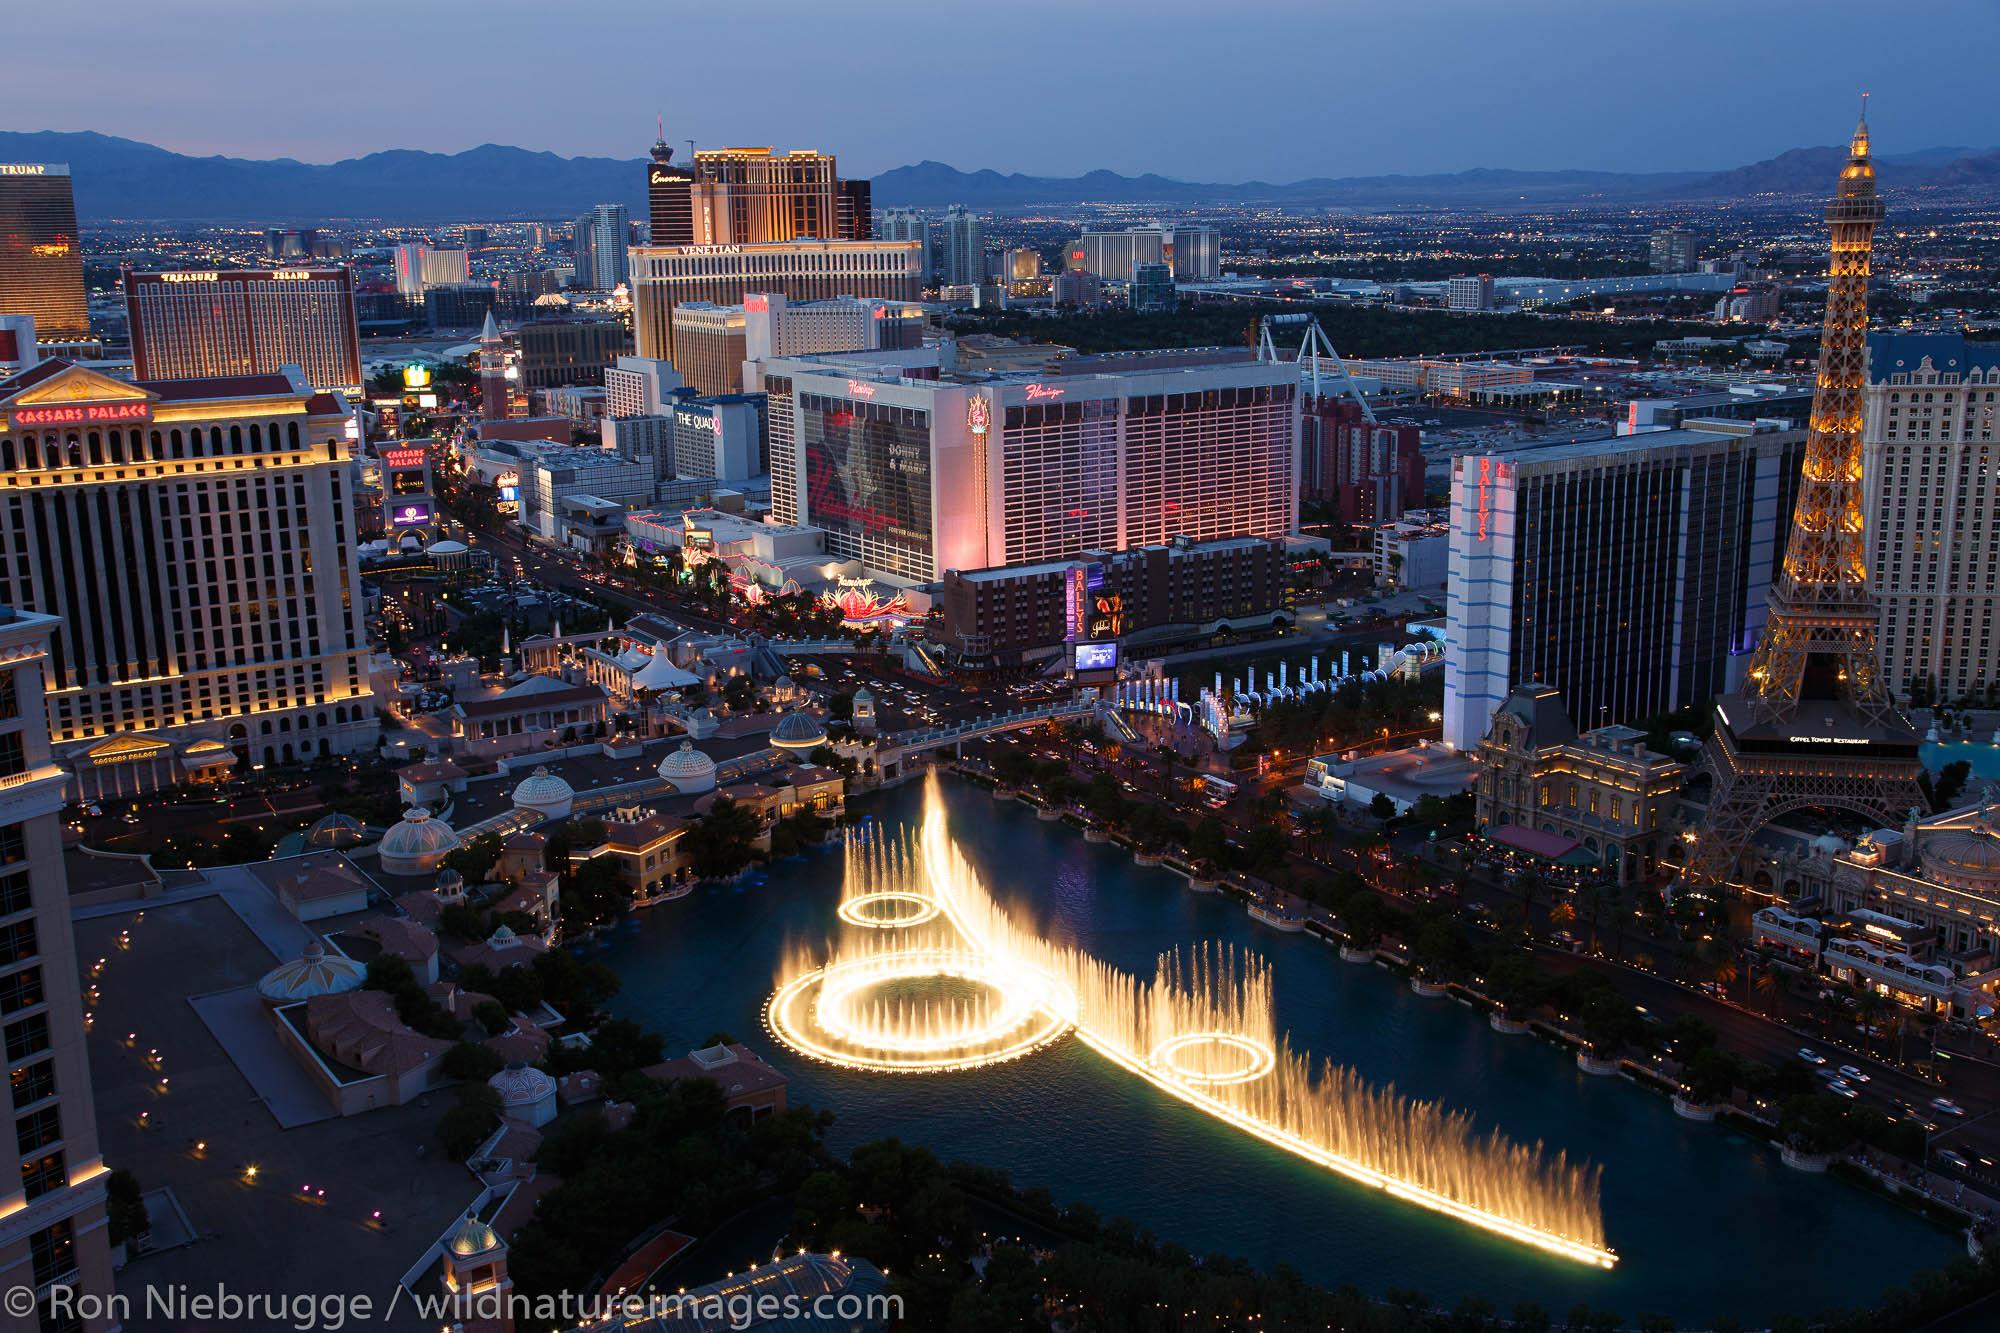 The Strip at night, Las Vegas, Nevada.